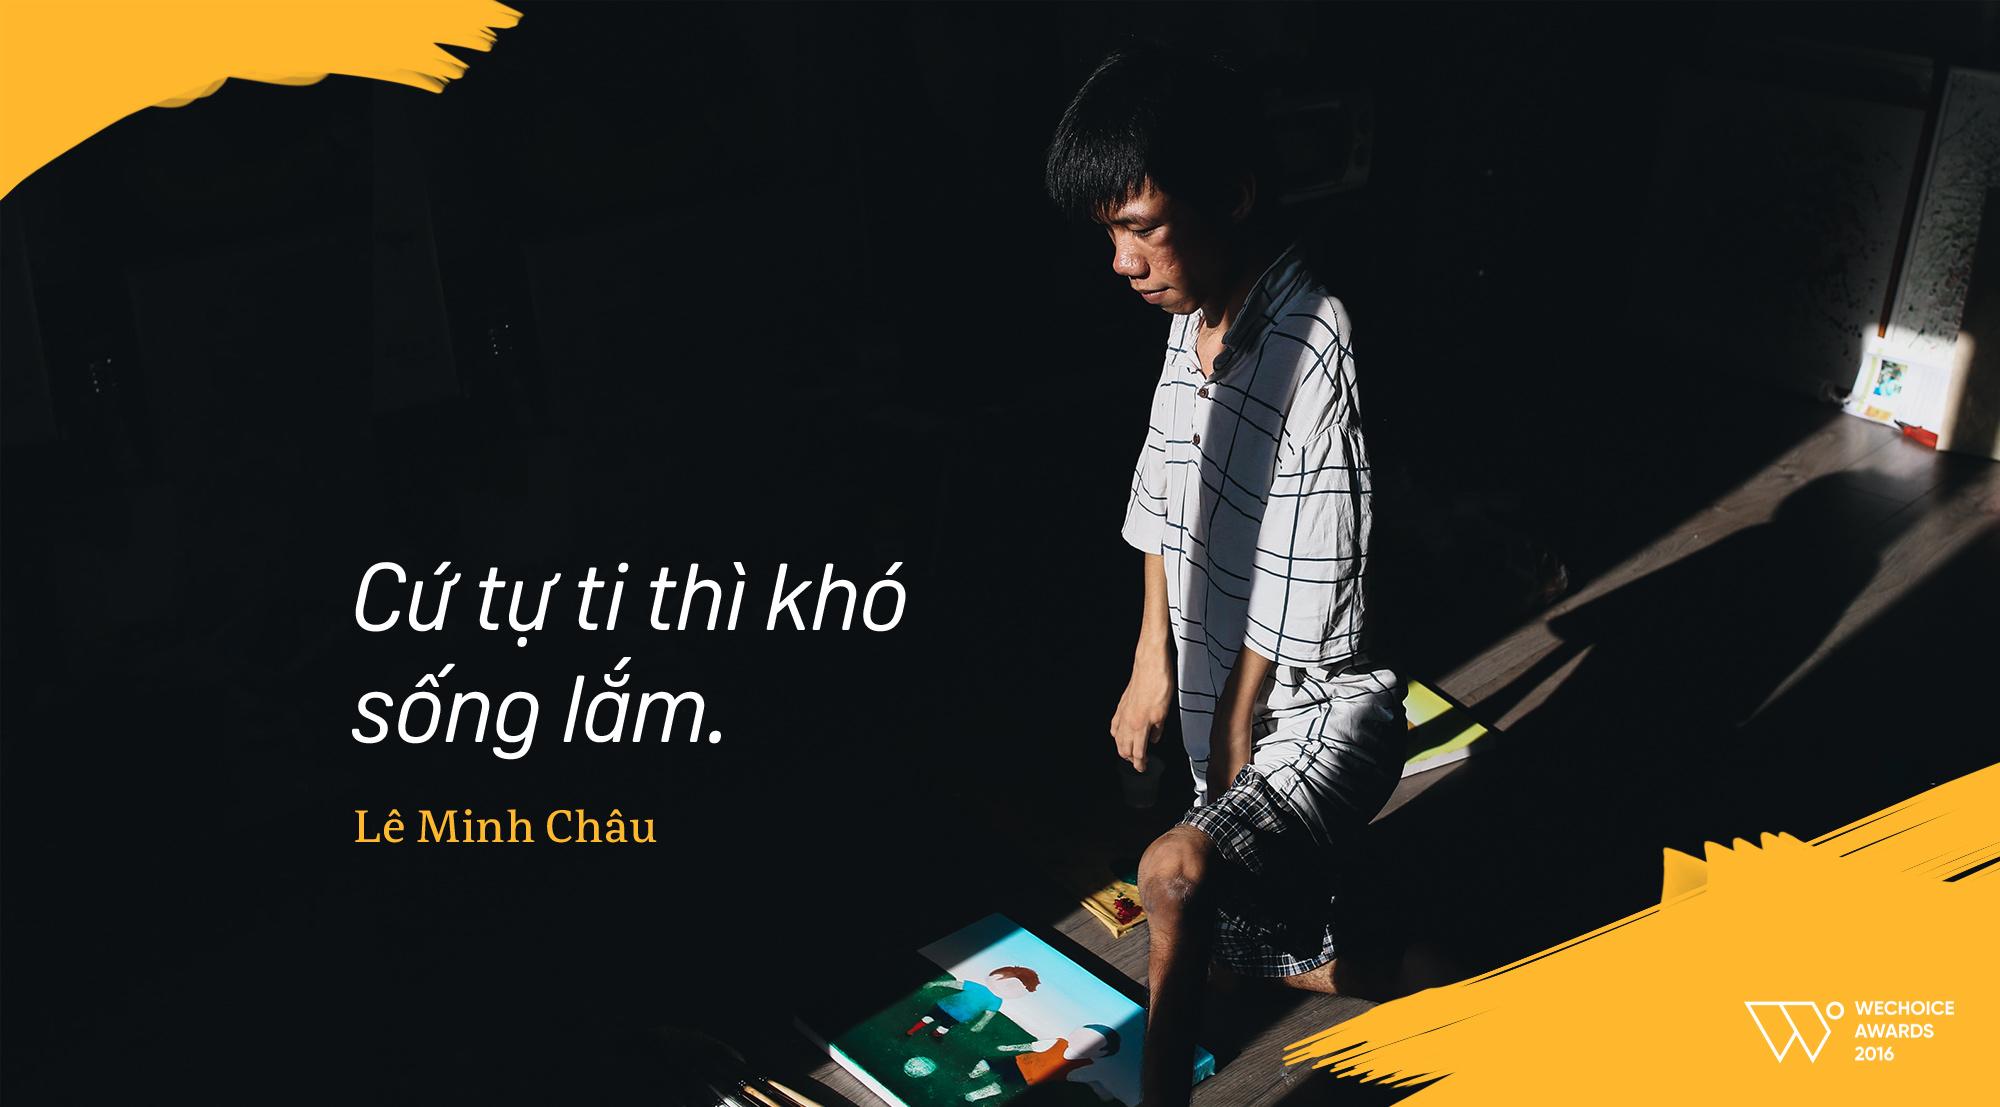 Lê Minh Châu - Từ cậu bé khuyết tật ở làng Hòa Bình đến họa sĩ vẽ tranh bằng miệng trong phim tài liệu tranh - Ảnh 6.